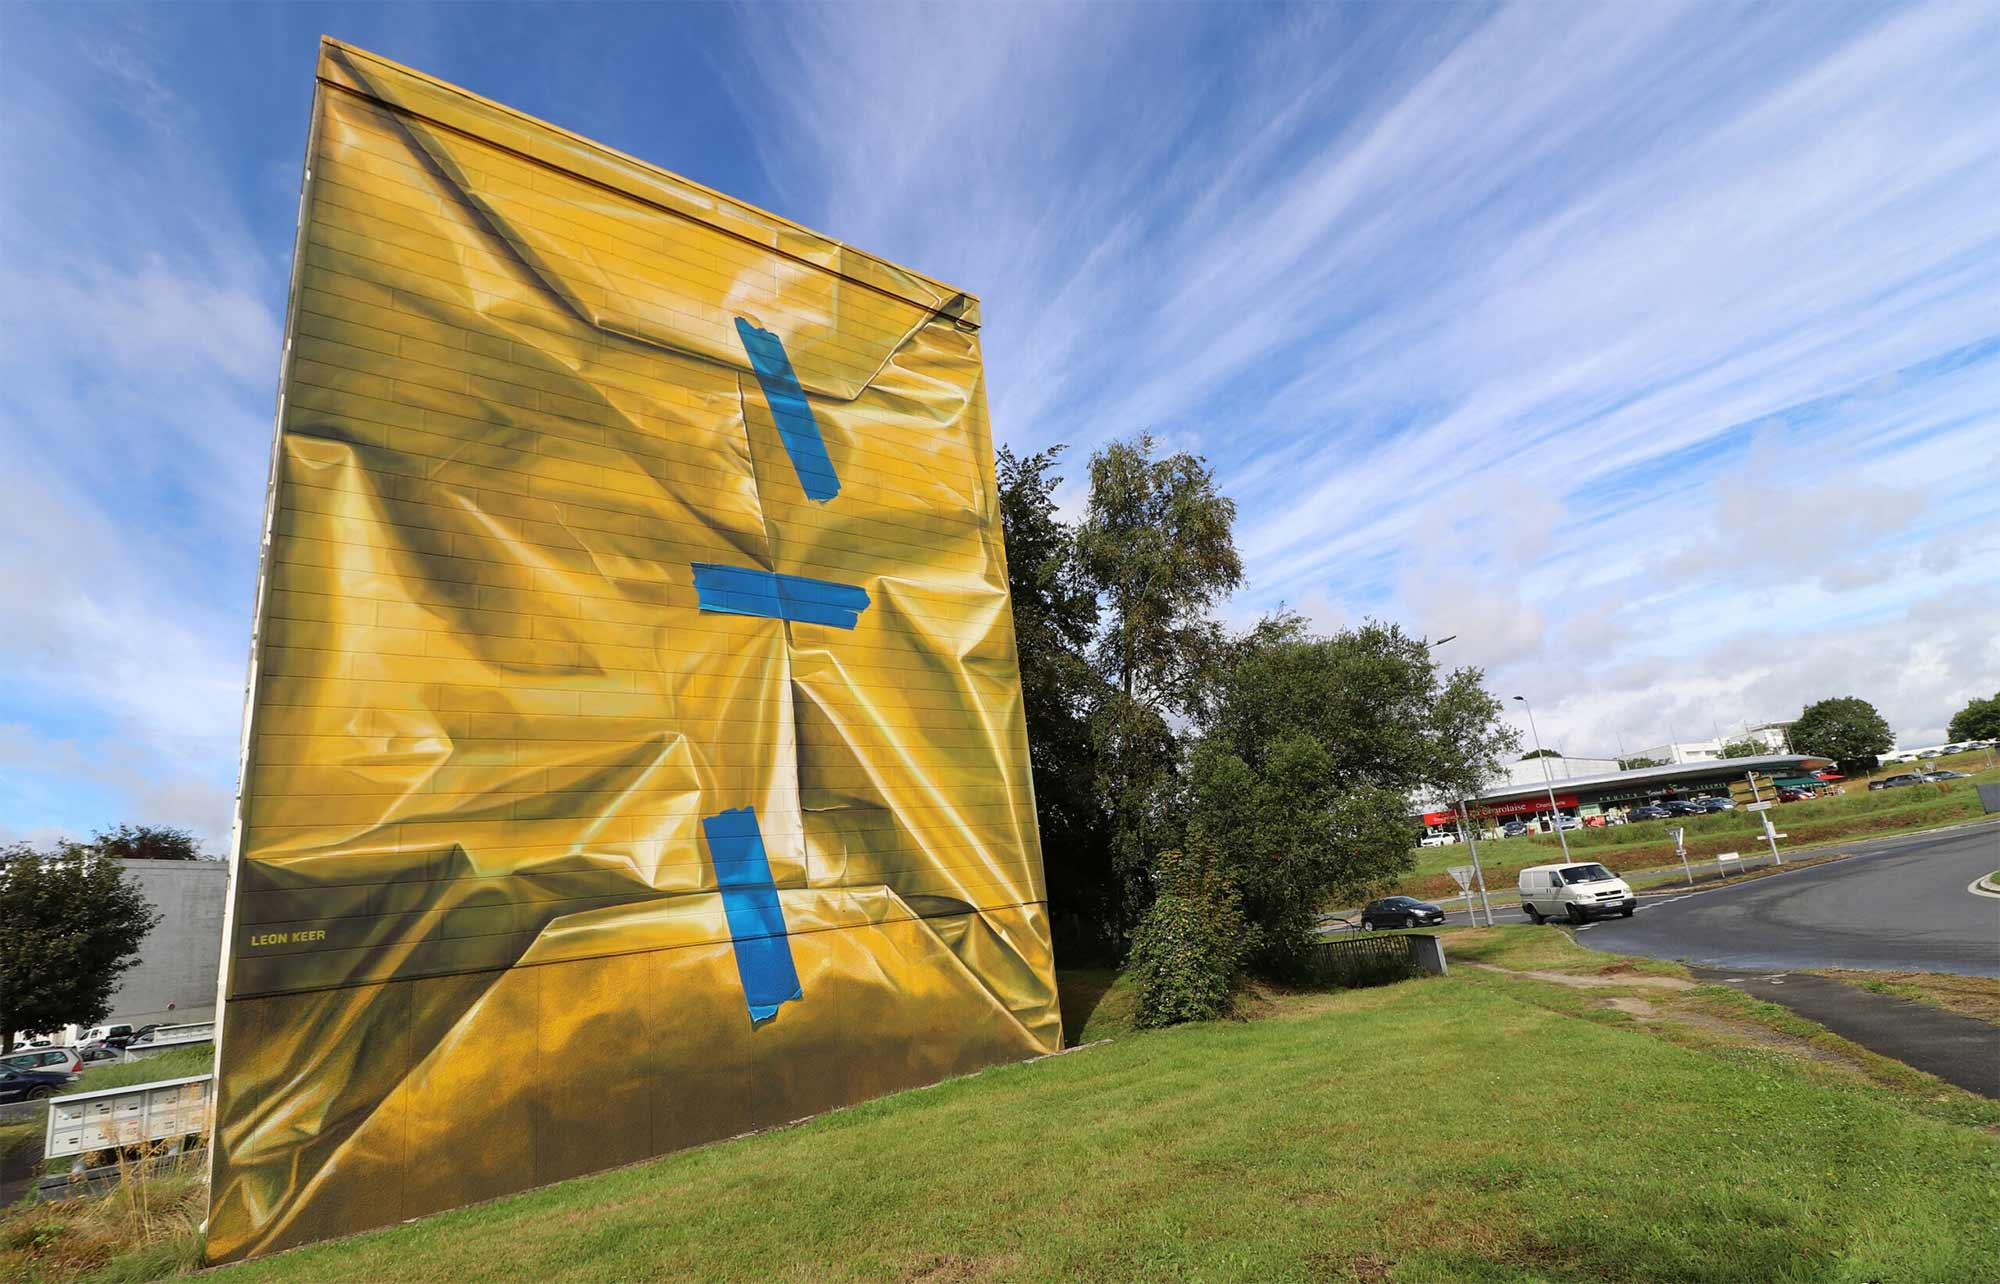 Street Artist Leon Keer packt ein Haus als Geschenk ein Leon-Keer-safe-house-geschenk-mural_06